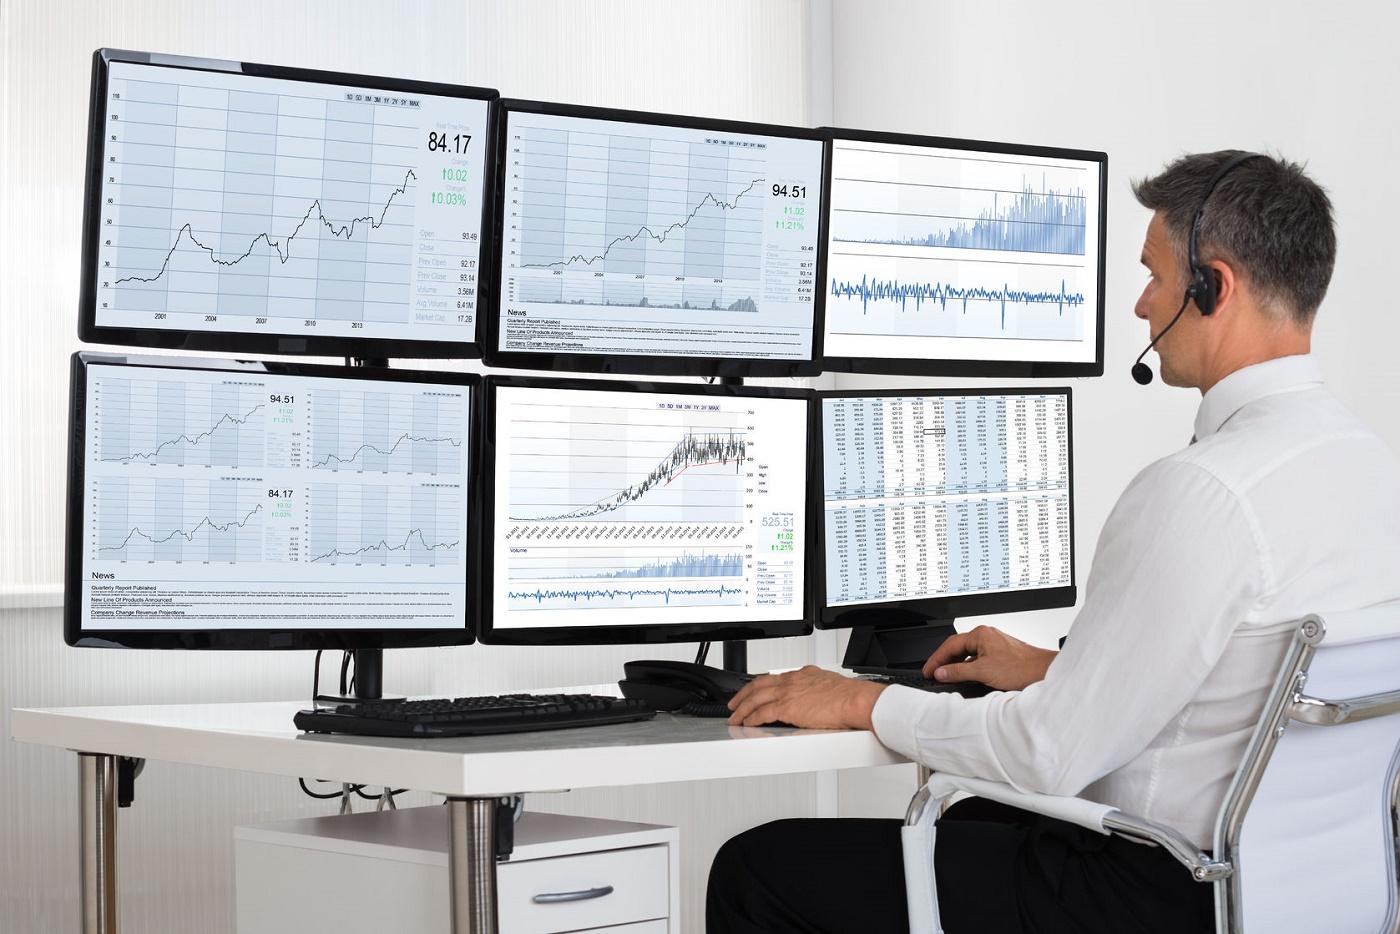 Perdi o emprego: agora vou ser trader na bolsa de valores! (Parte 2)